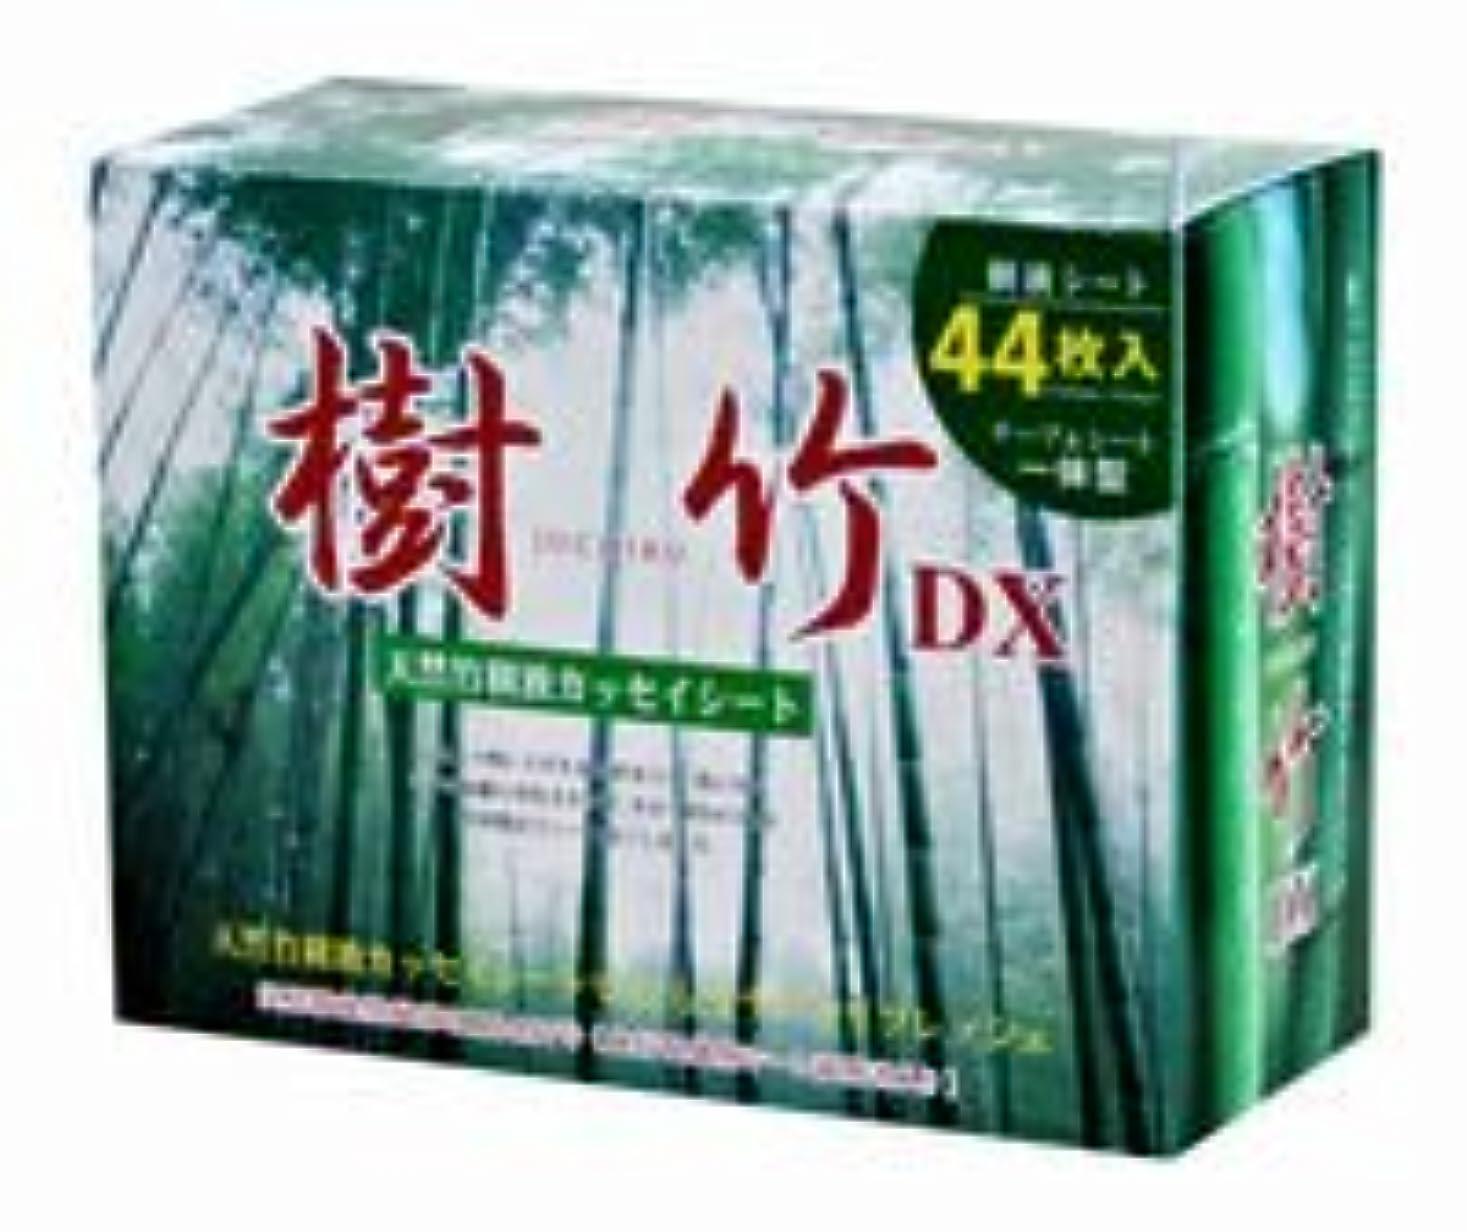 地元ゴミ箱を空にする省樹竹DX 44枚入 3箱セット